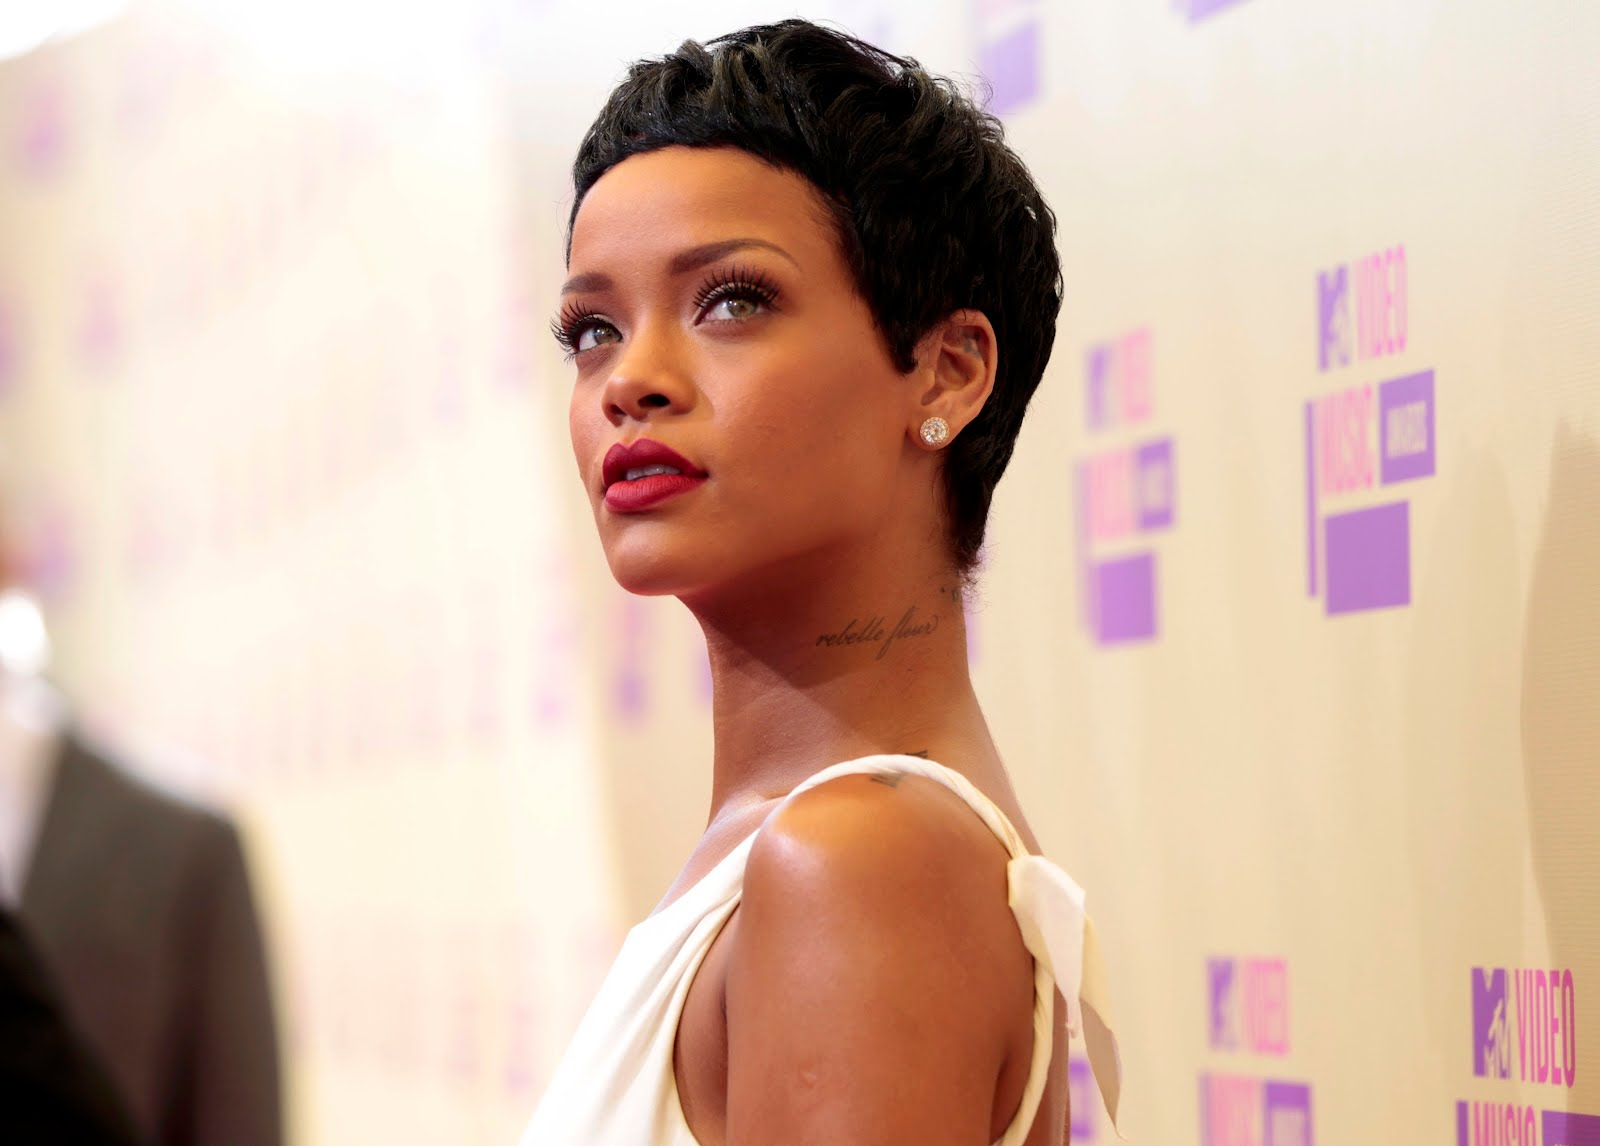 http://3.bp.blogspot.com/-2a4fhJX_PZs/UElOlldNLeI/AAAAAAAAMqg/5-ESaUSPFmg/s1600/Rihanna-en-MTV-Video-Music-Awards-2012-2.JPG